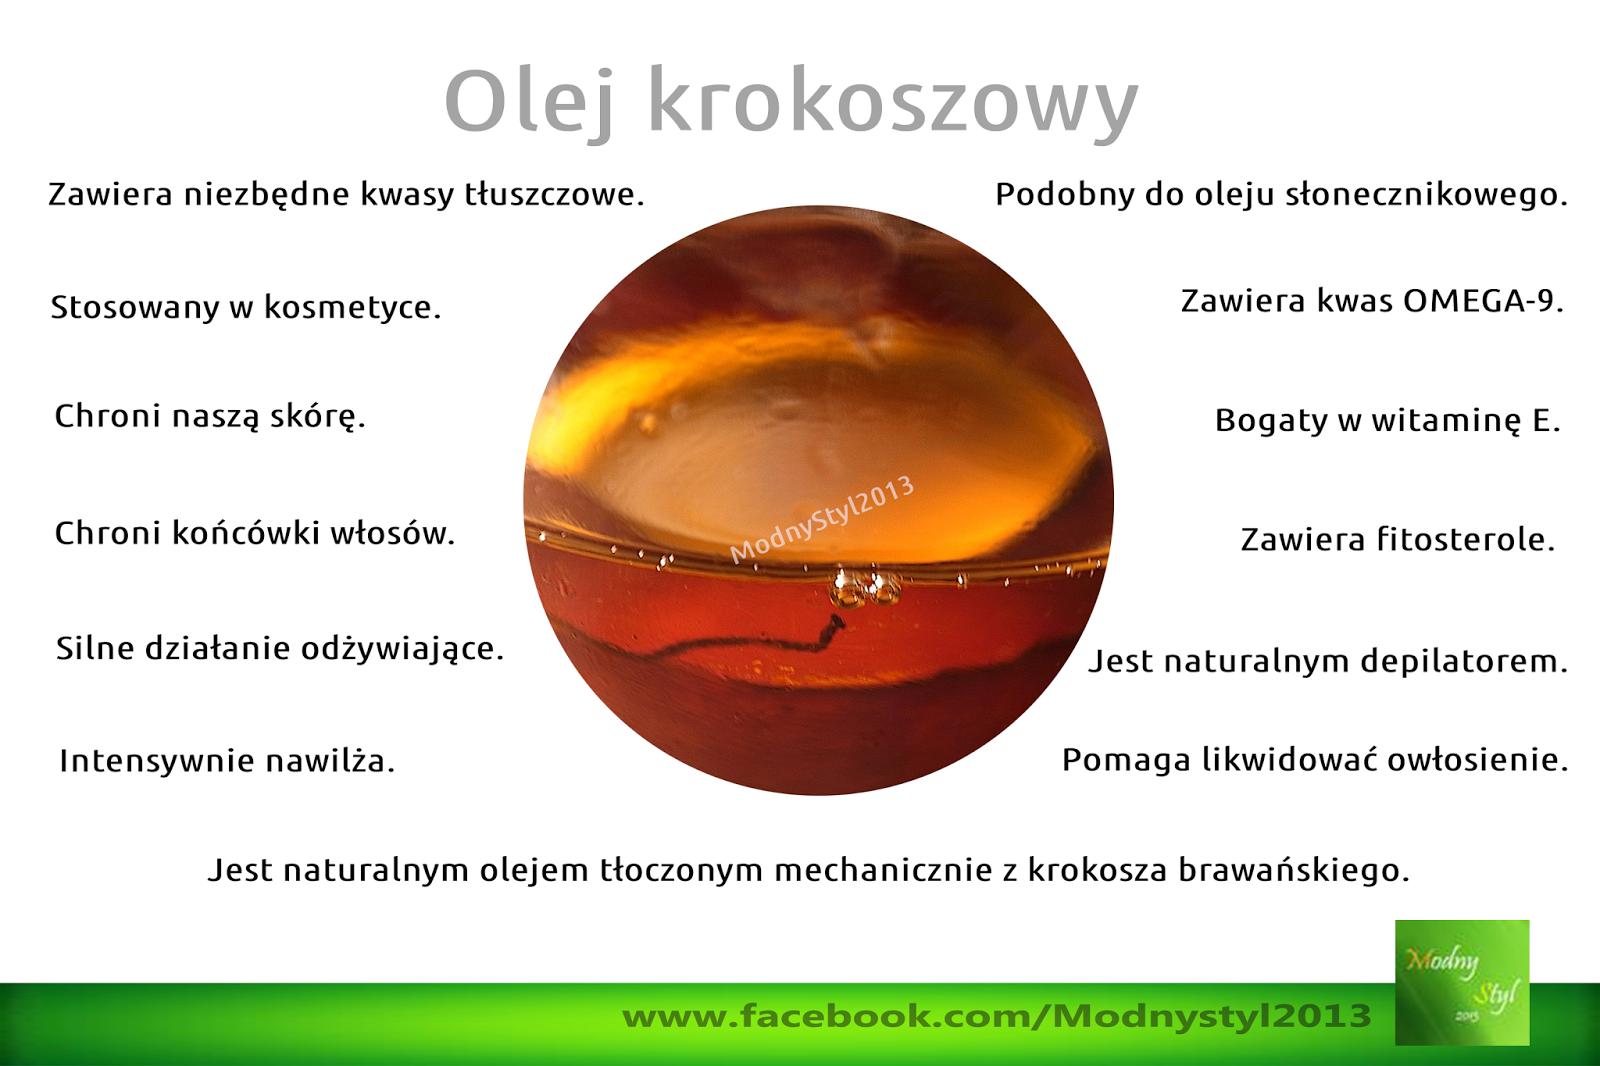 Olej krokoszowy